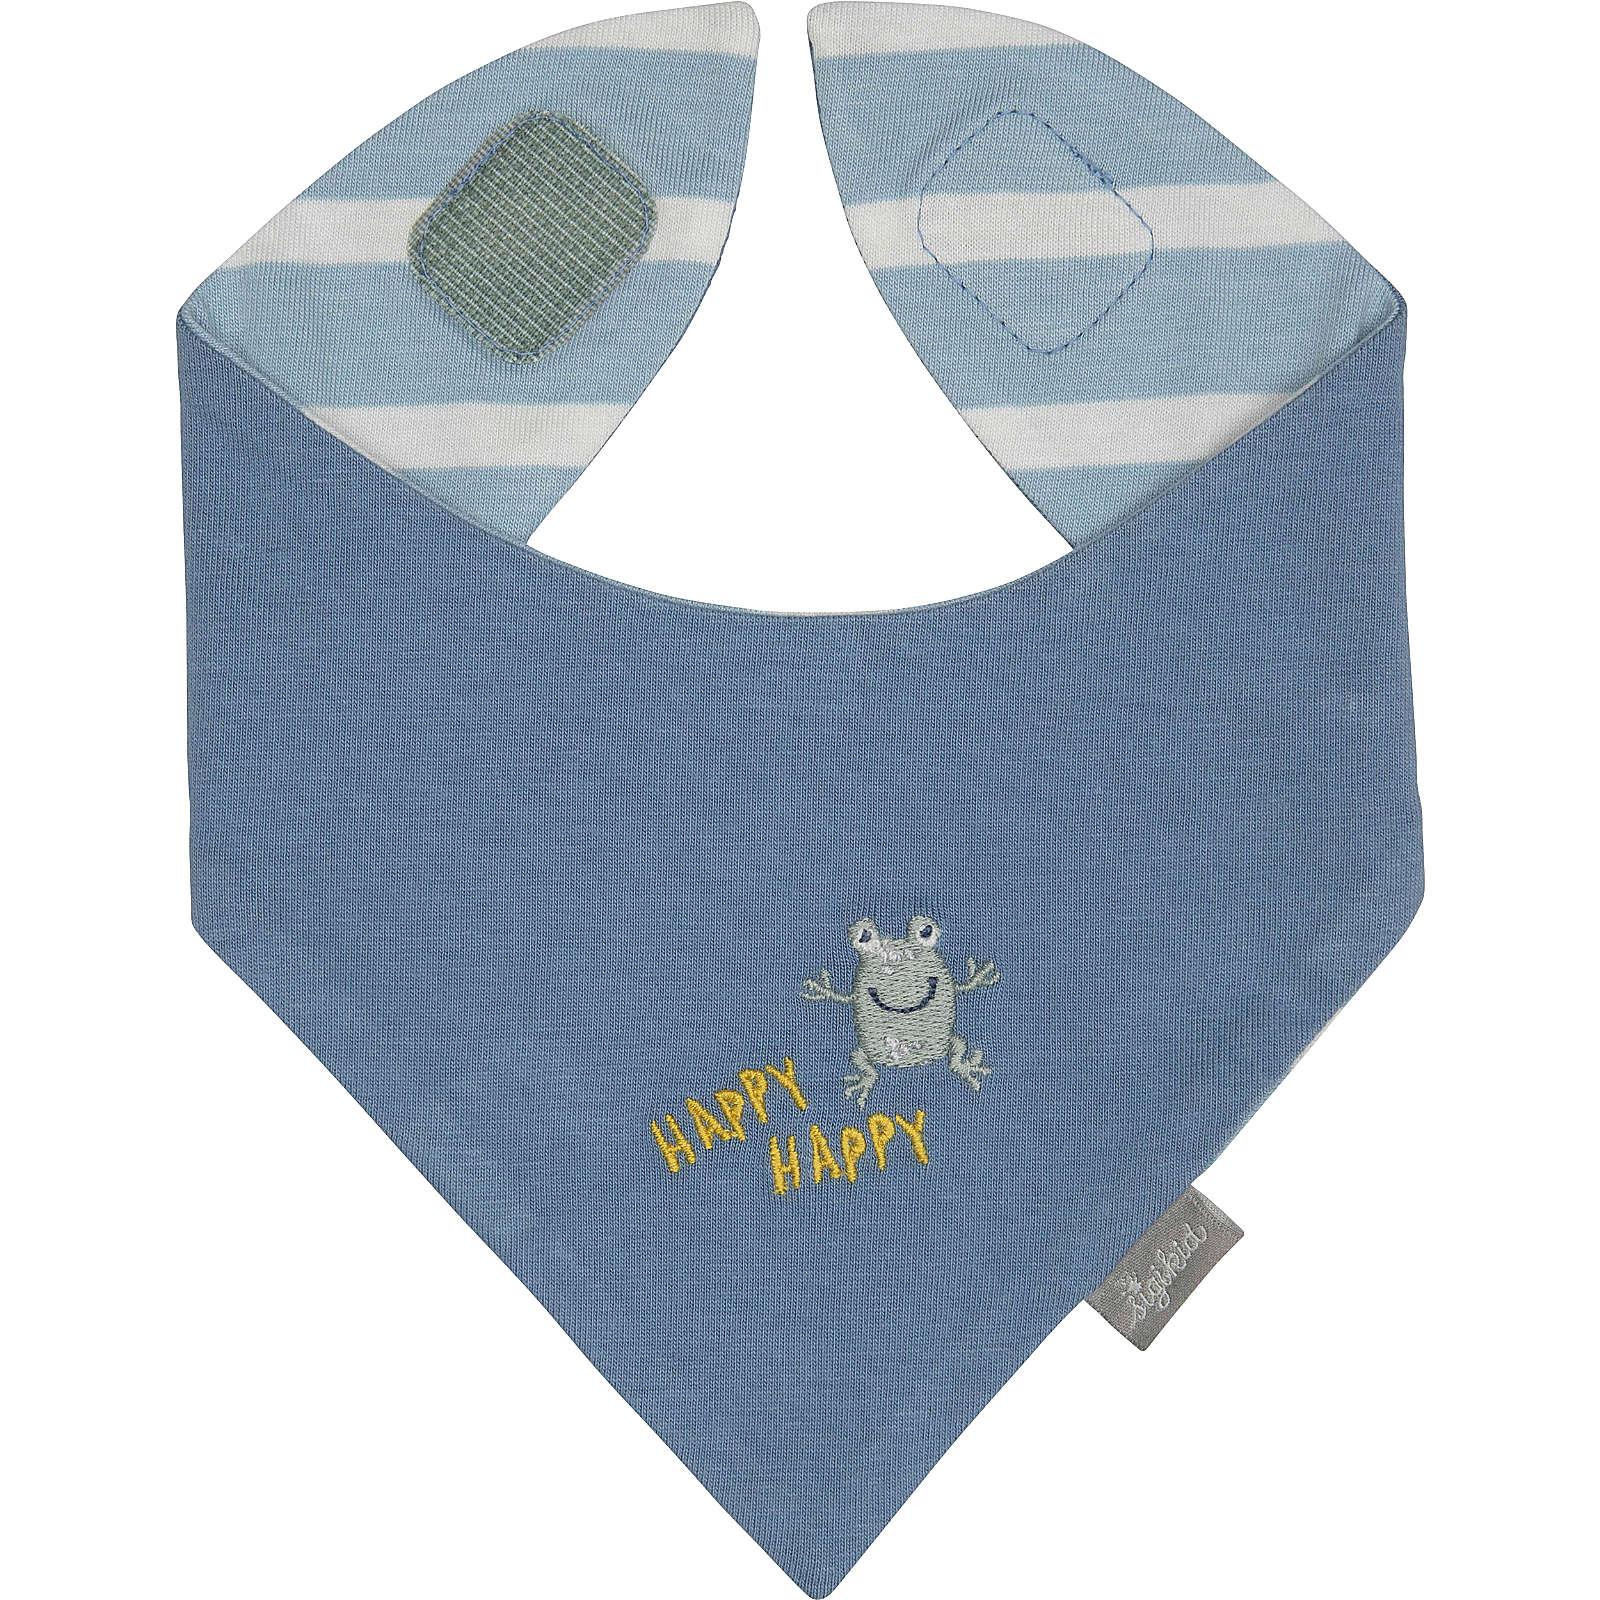 Wendehalstuch CLASSIC BABY von sigikid für Jungen, Organic Cotton blau/weiß Junge Gr. one size